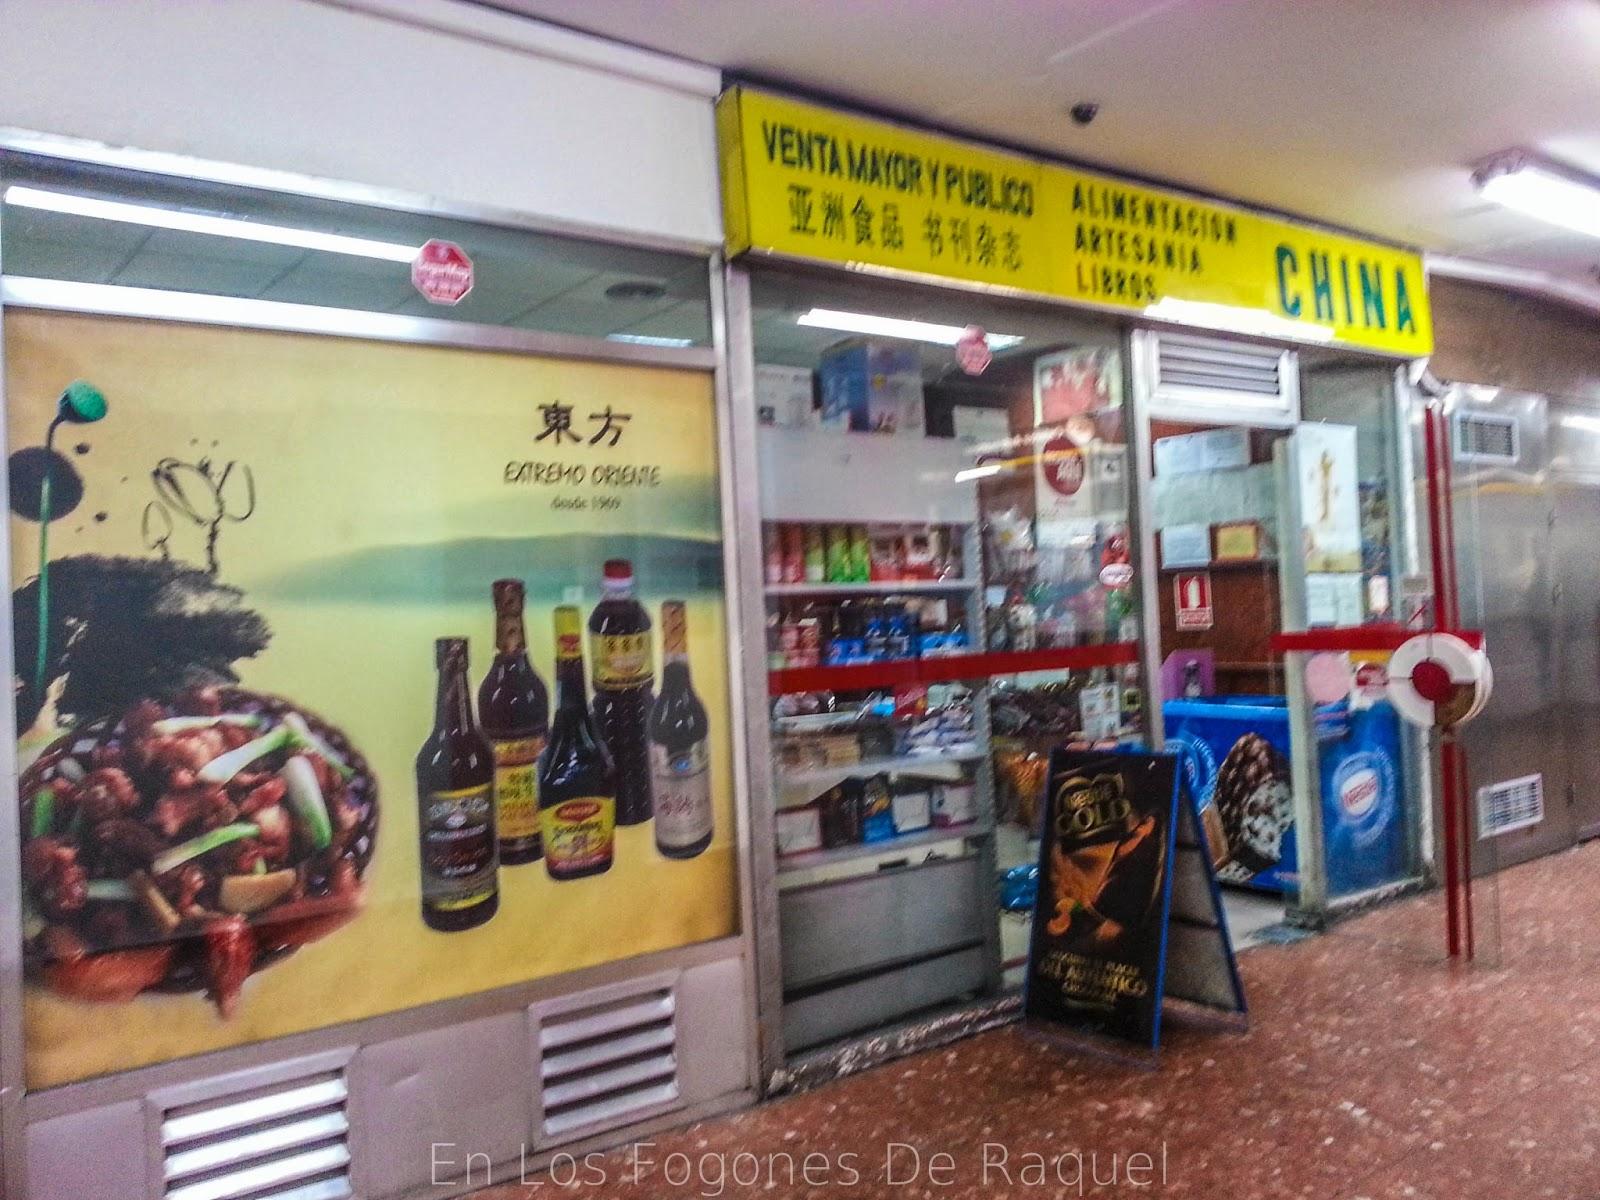 http://enlosfogonesderaquel.blogspot.com.es/2014/10/tienda-de-productos-asiaticos-extremo.html